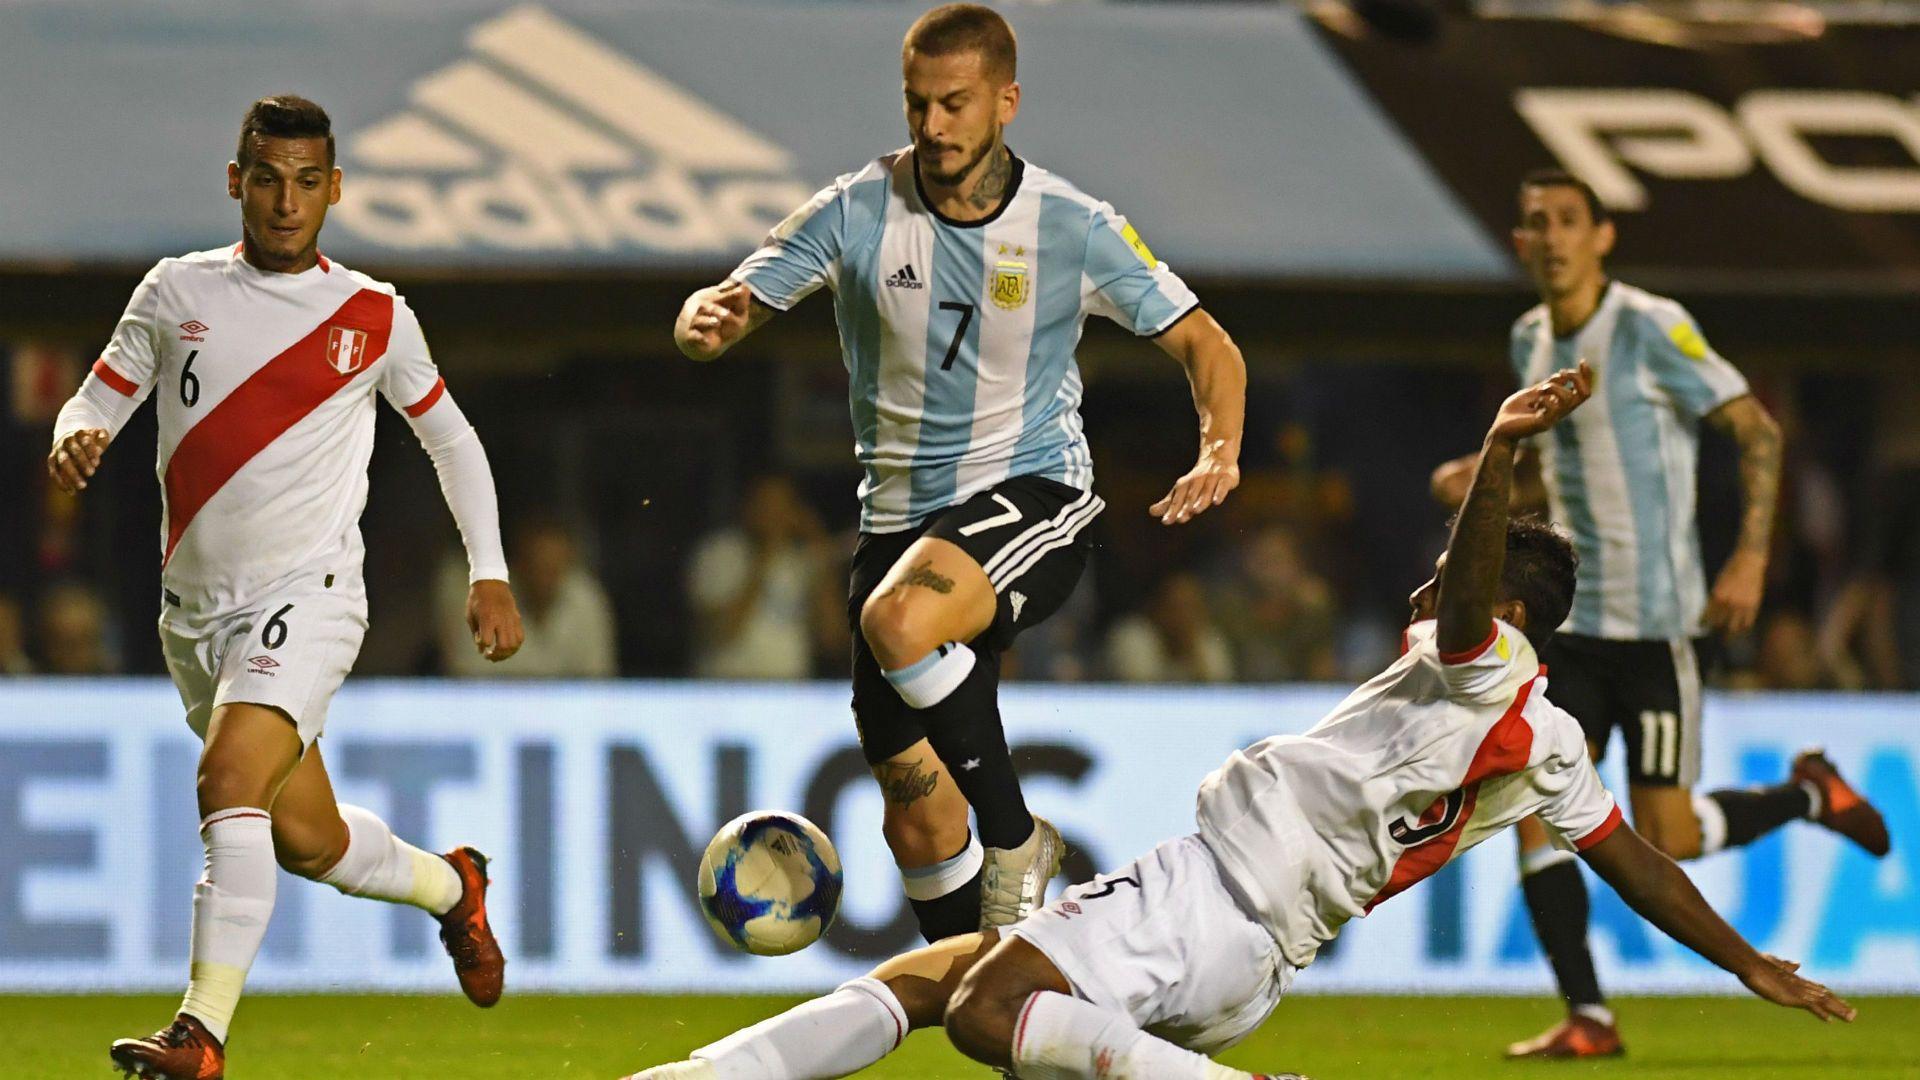 Habló Darío Benedetto: el elogio a Wanchope y ¿se baja del Mundial?